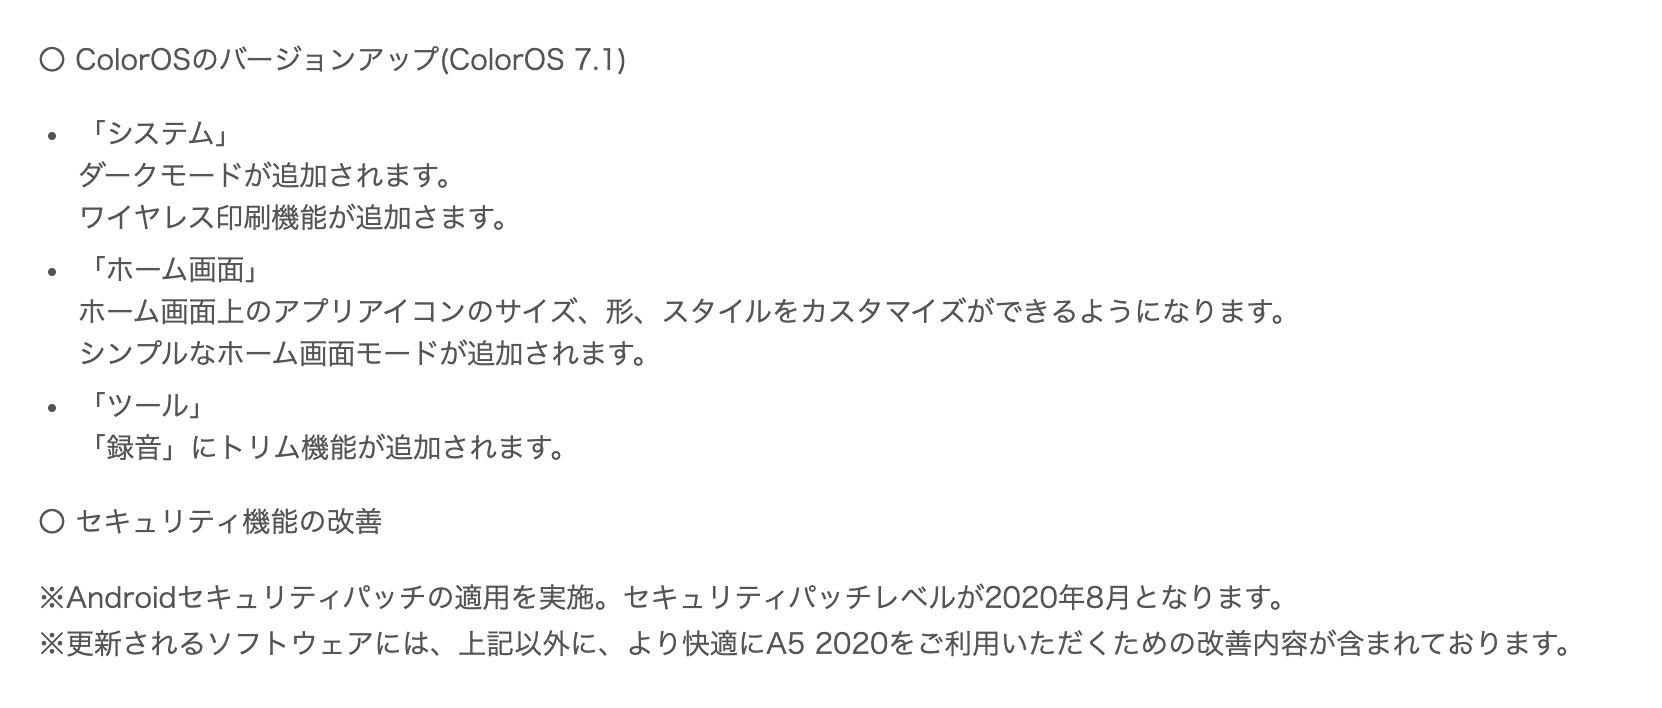 f:id:Azusa_Hirano:20200907173941p:plain